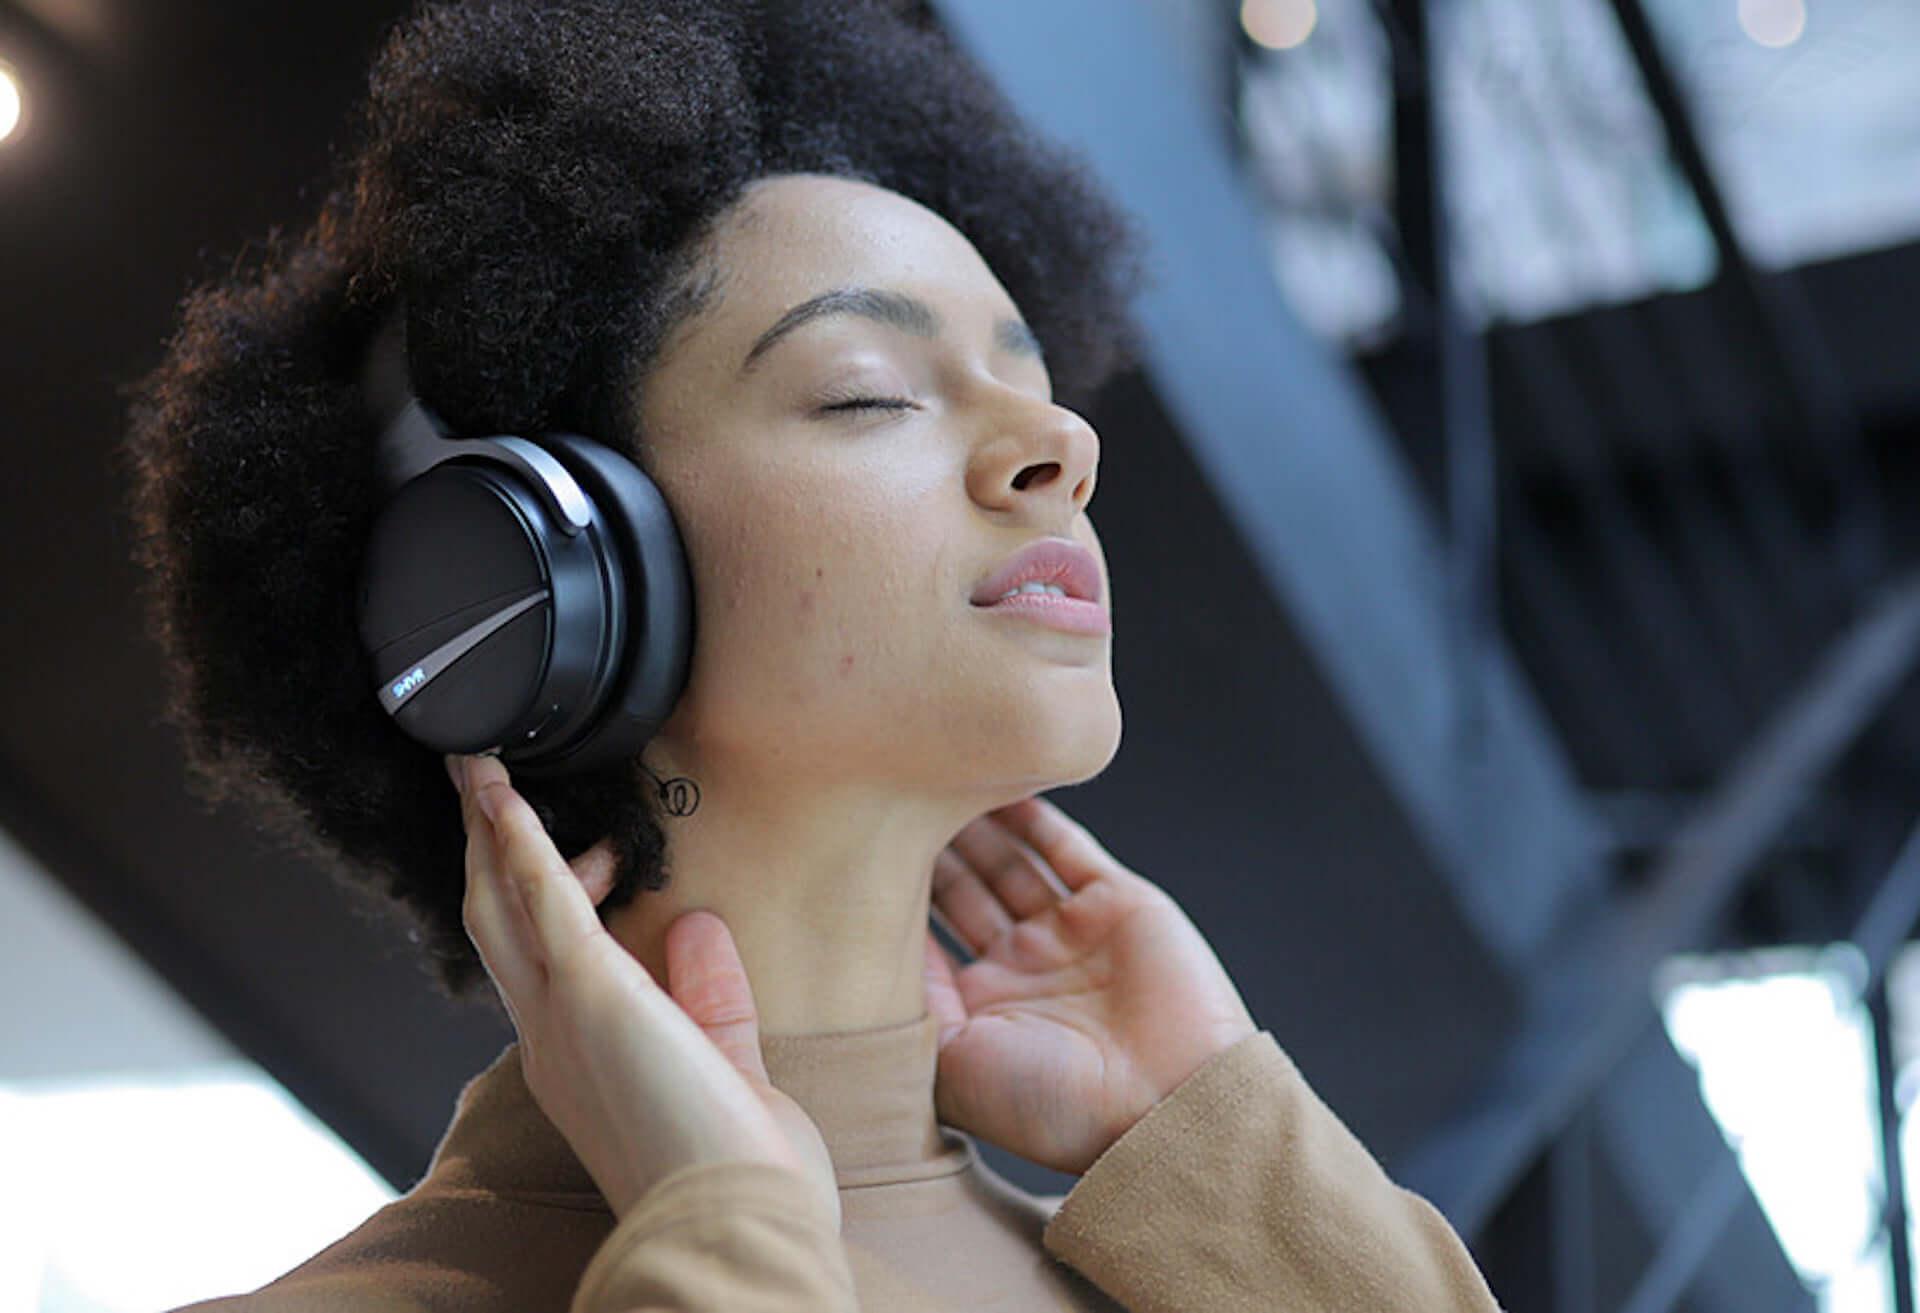 音の方向・距離まで感じる!?現実世界に近い迫力サウンドを体感できるワイヤレスヘッドフォンが登場 tech191007shivr_003-1920x1313